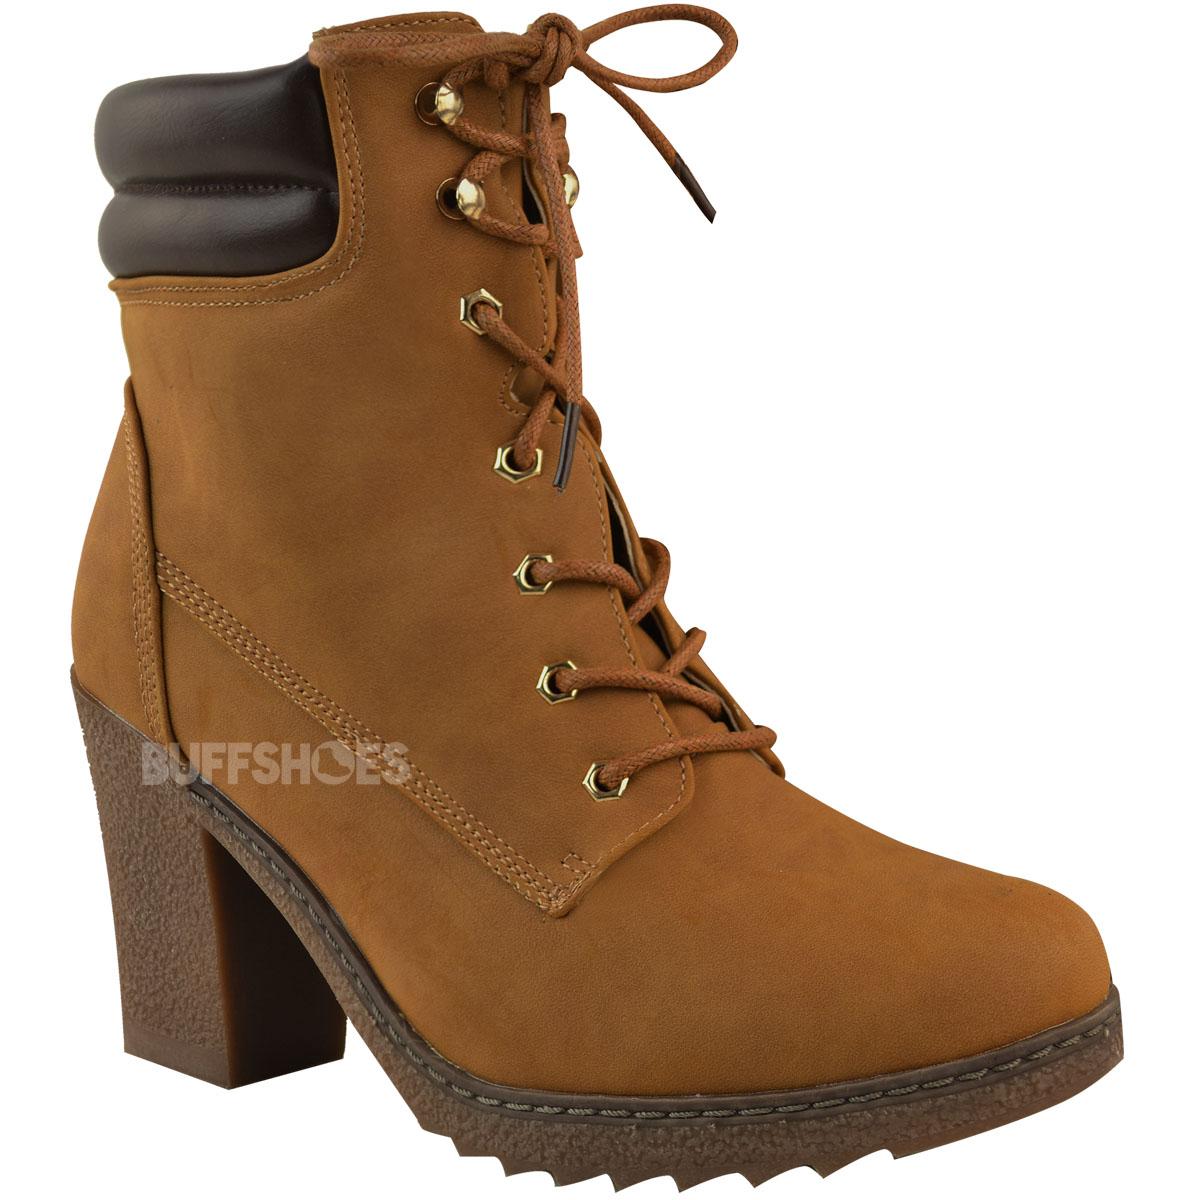 Womens-Ladies-Winter-Walking-Boots-Fleece-Warm-Lining-Cosy-Low-Block-Heel-Size Indexbild 8